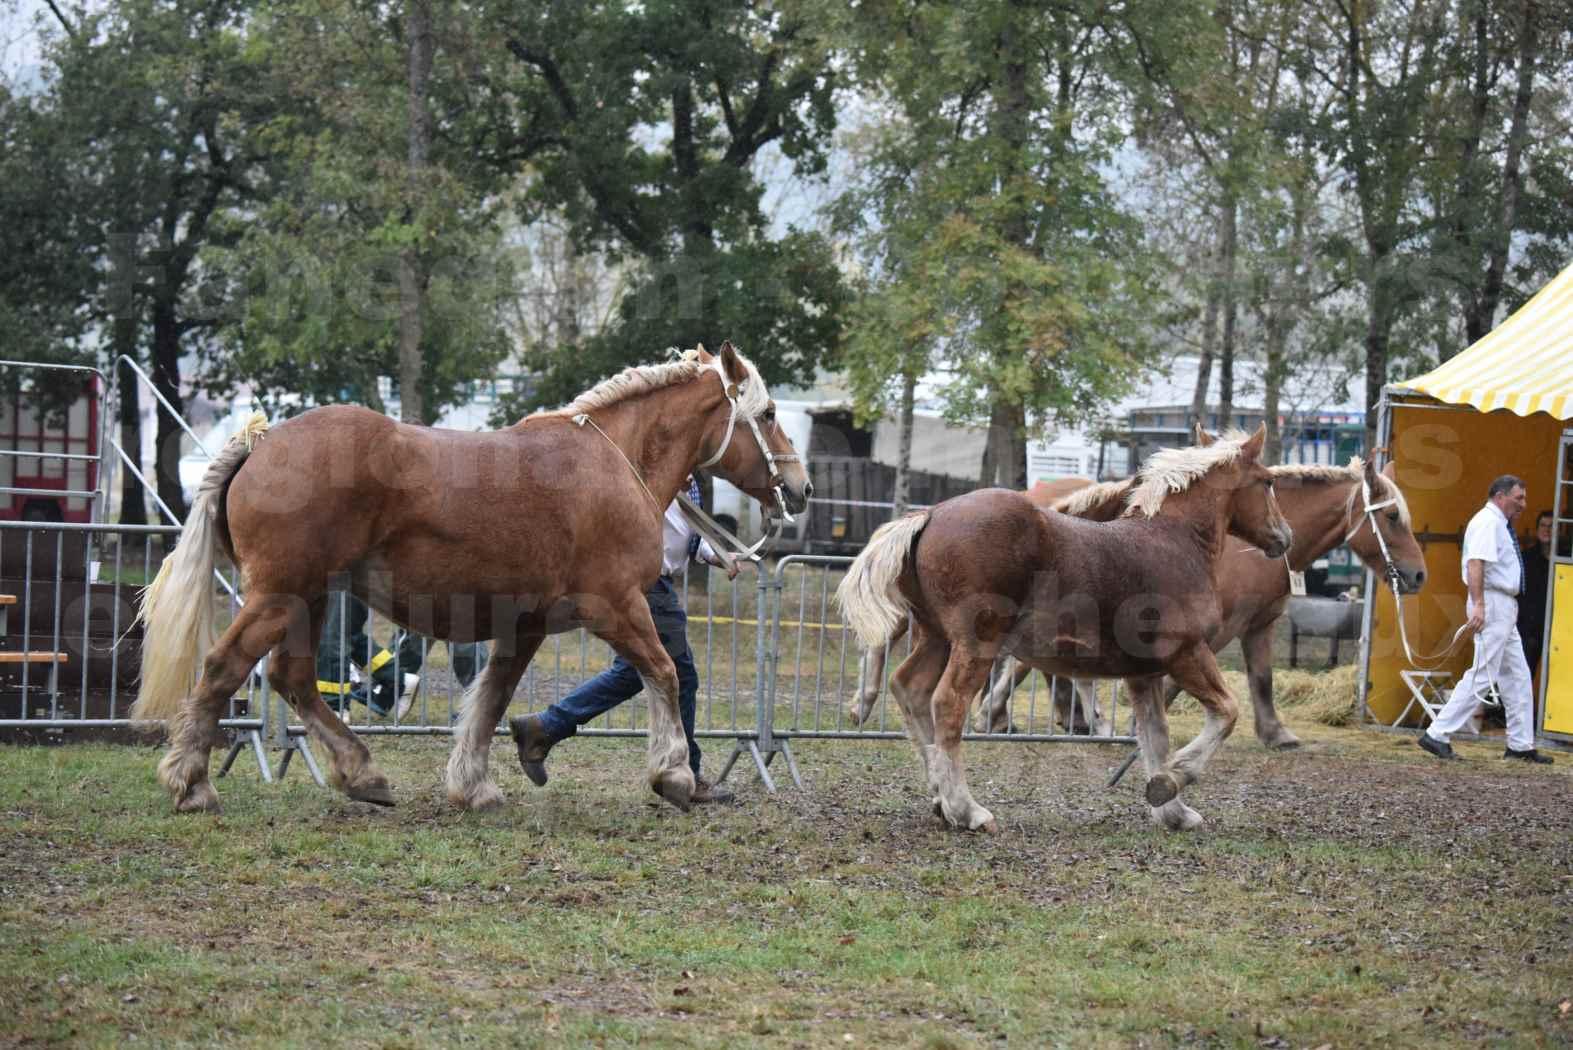 Concours Régional de chevaux de traits en 2017 - Trait COMTOIS - Jument suitée - ROXANE D'USSON - 07